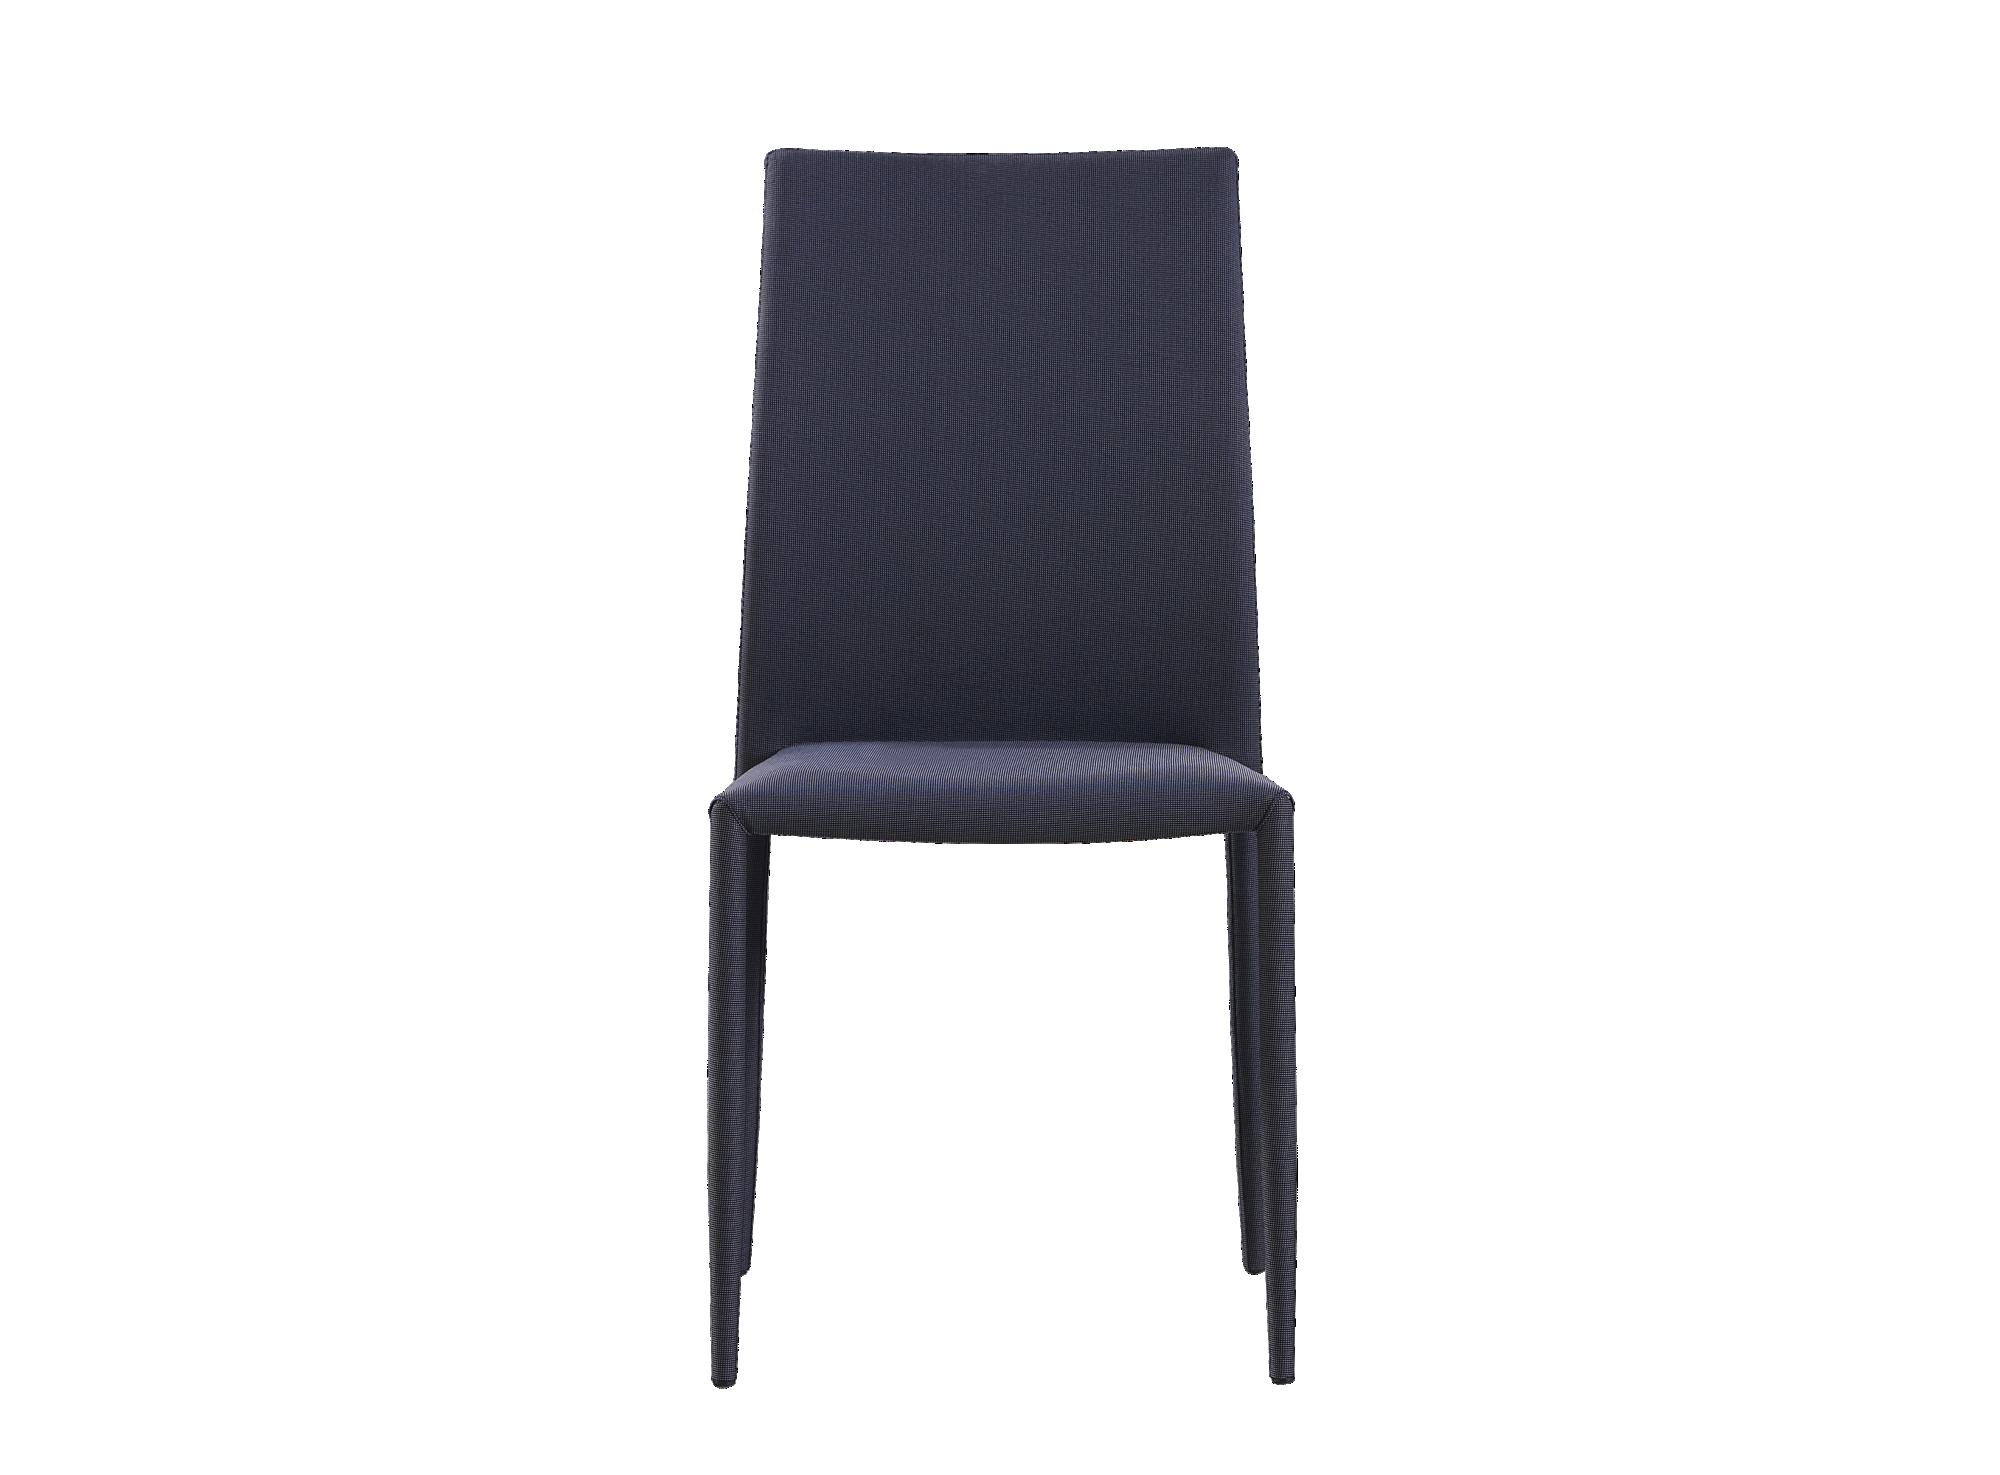 Chaise luisa tissu gris structure d'assise panneau de particules de b ...